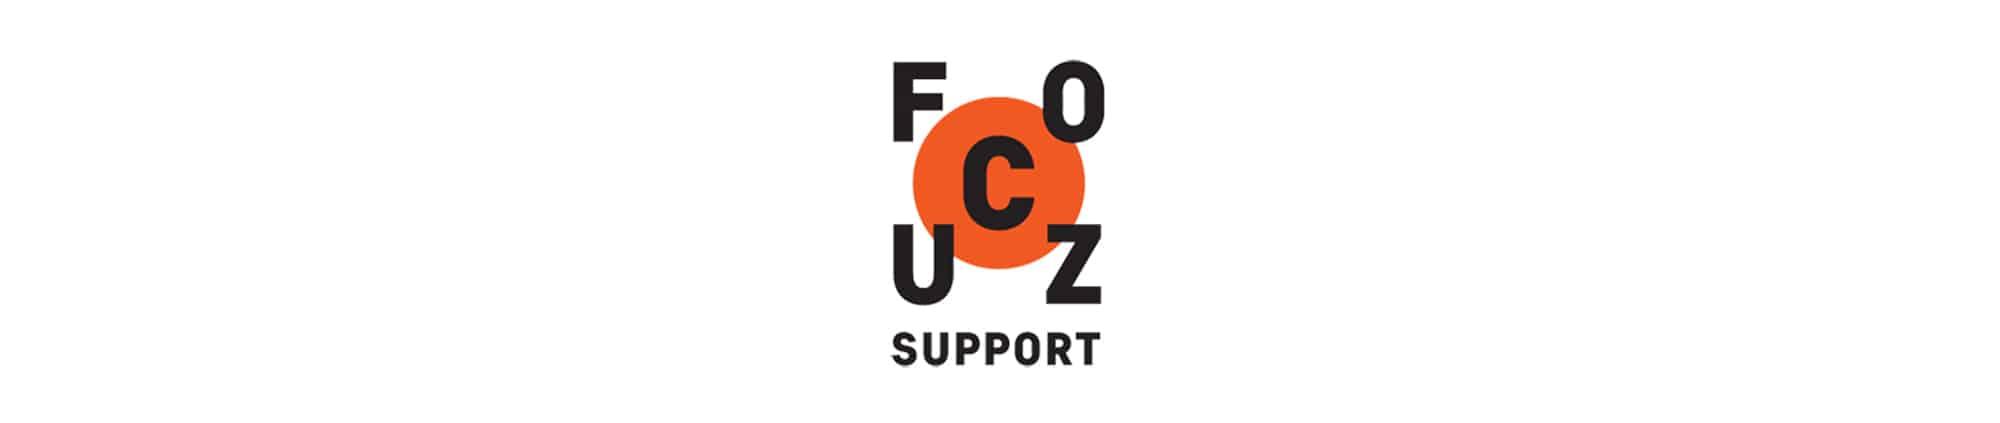 Focuz support | Referentie Bij Jan Meubelverhuur